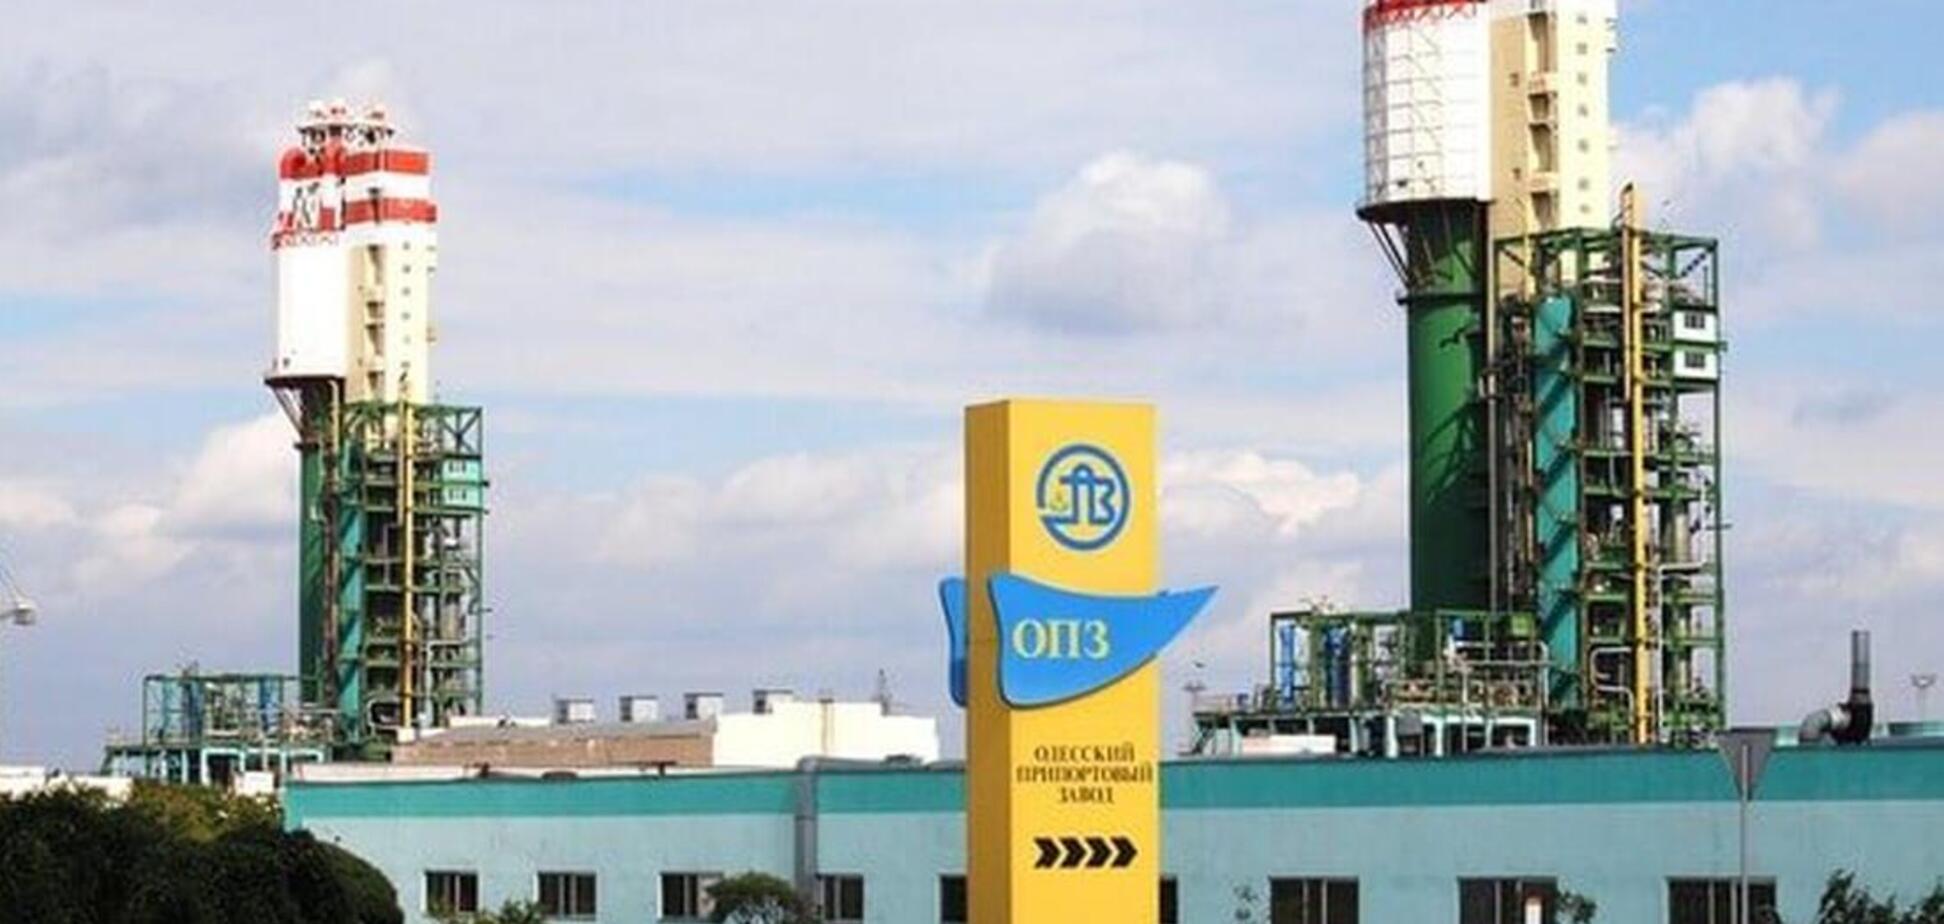 Завод в прекрасном состоянии, – Зеленский об Одесском припортовом